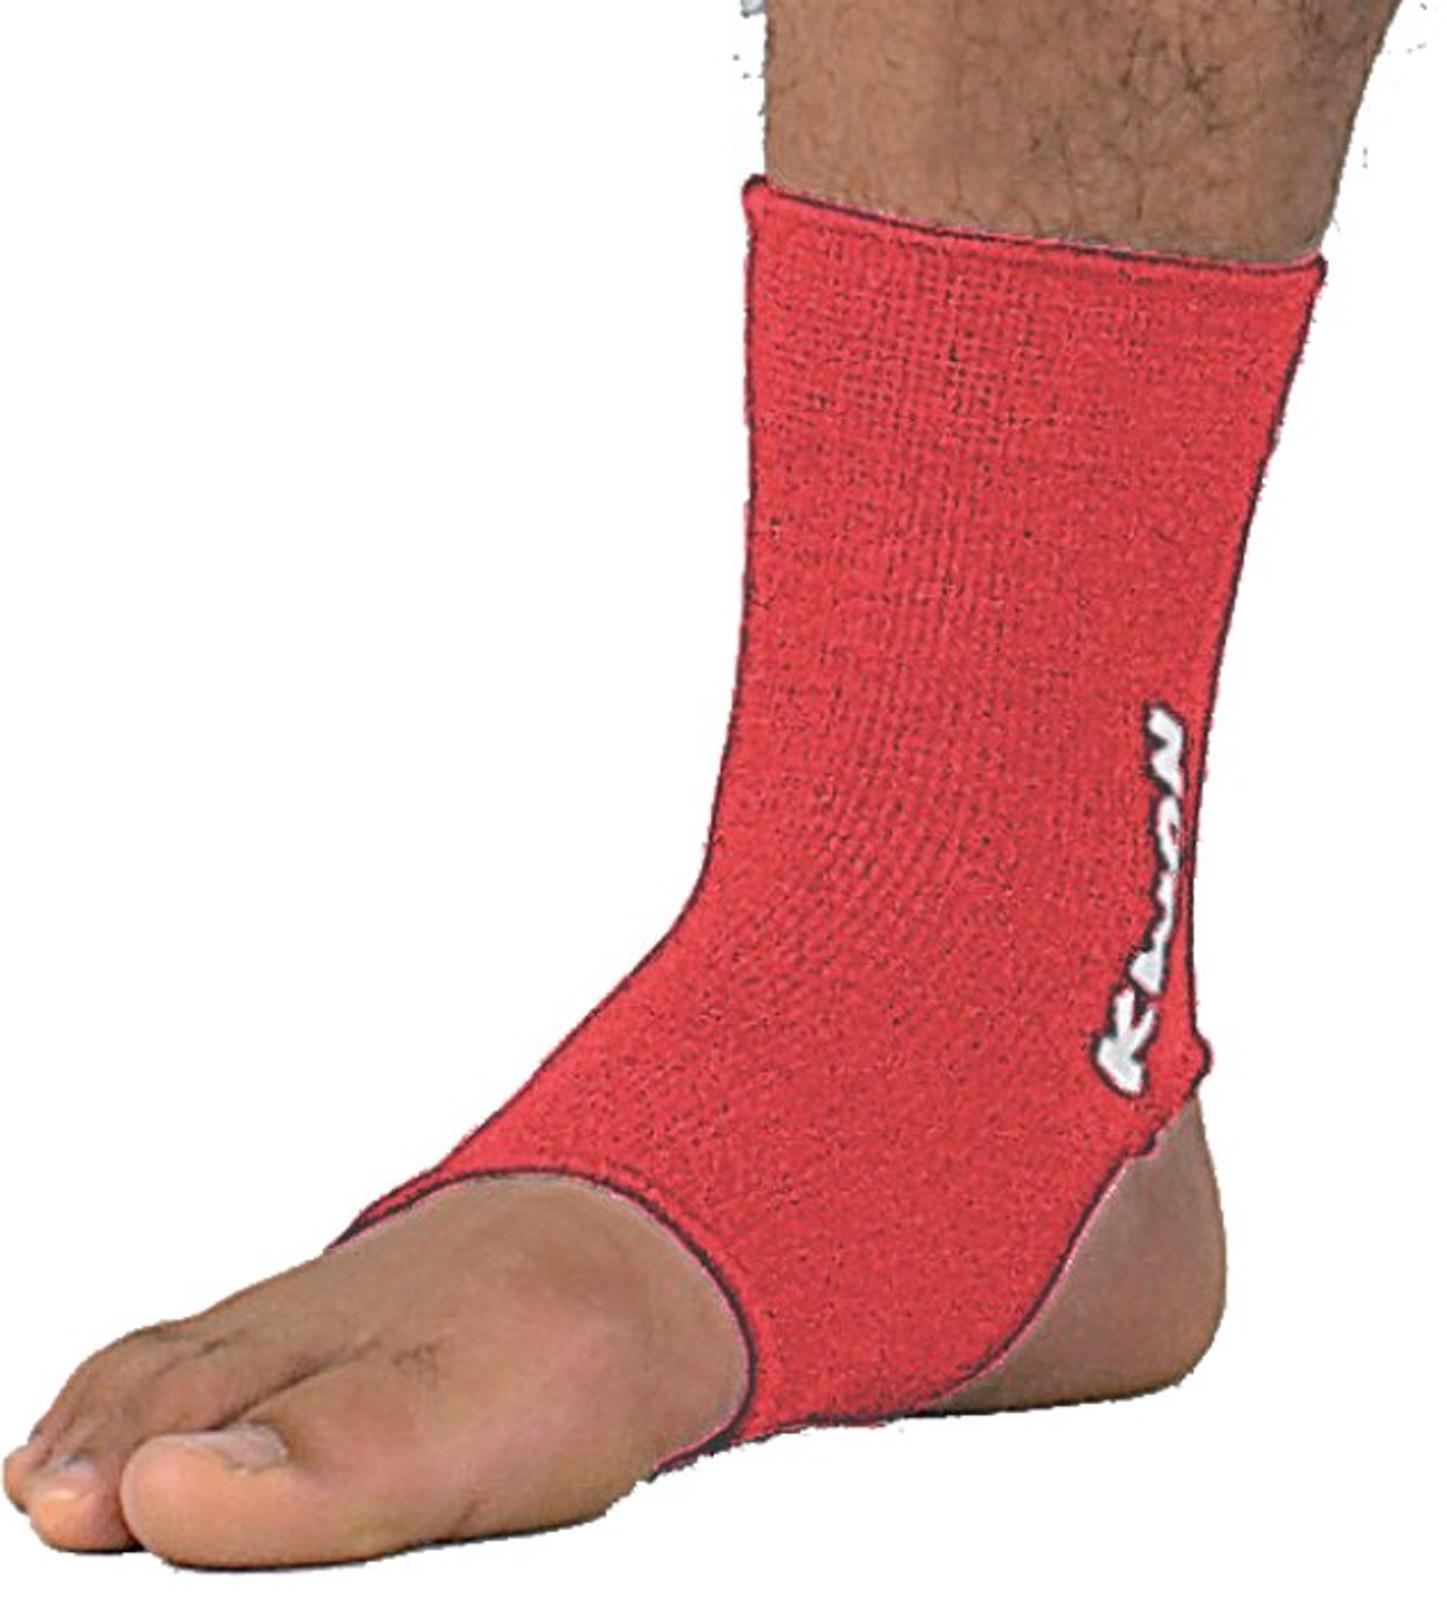 Kwon elastische Fußbandage für Thai / Kickboxen in Rot